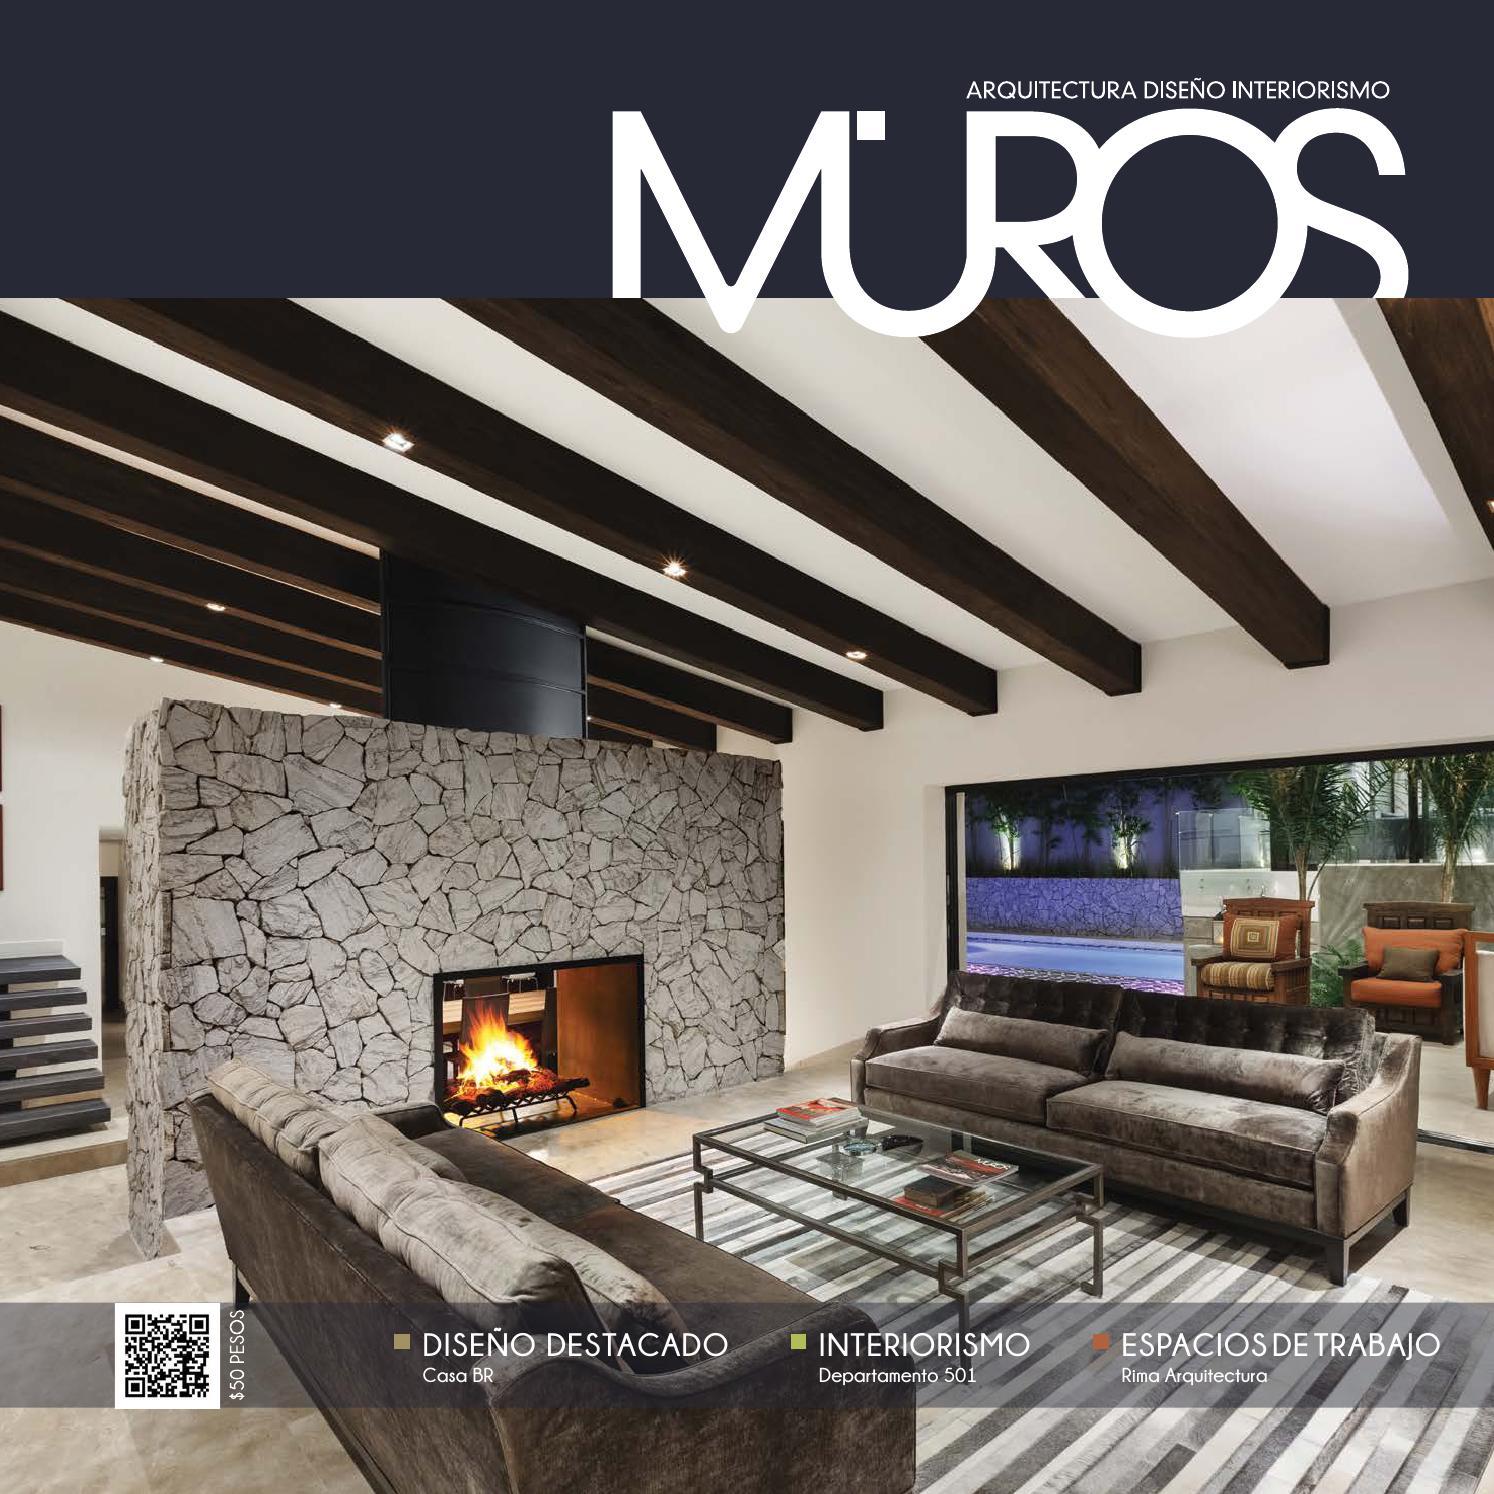 Edici n 14 revista muros arquitectura dise o for Revista habitat arquitectura diseno interiorismo